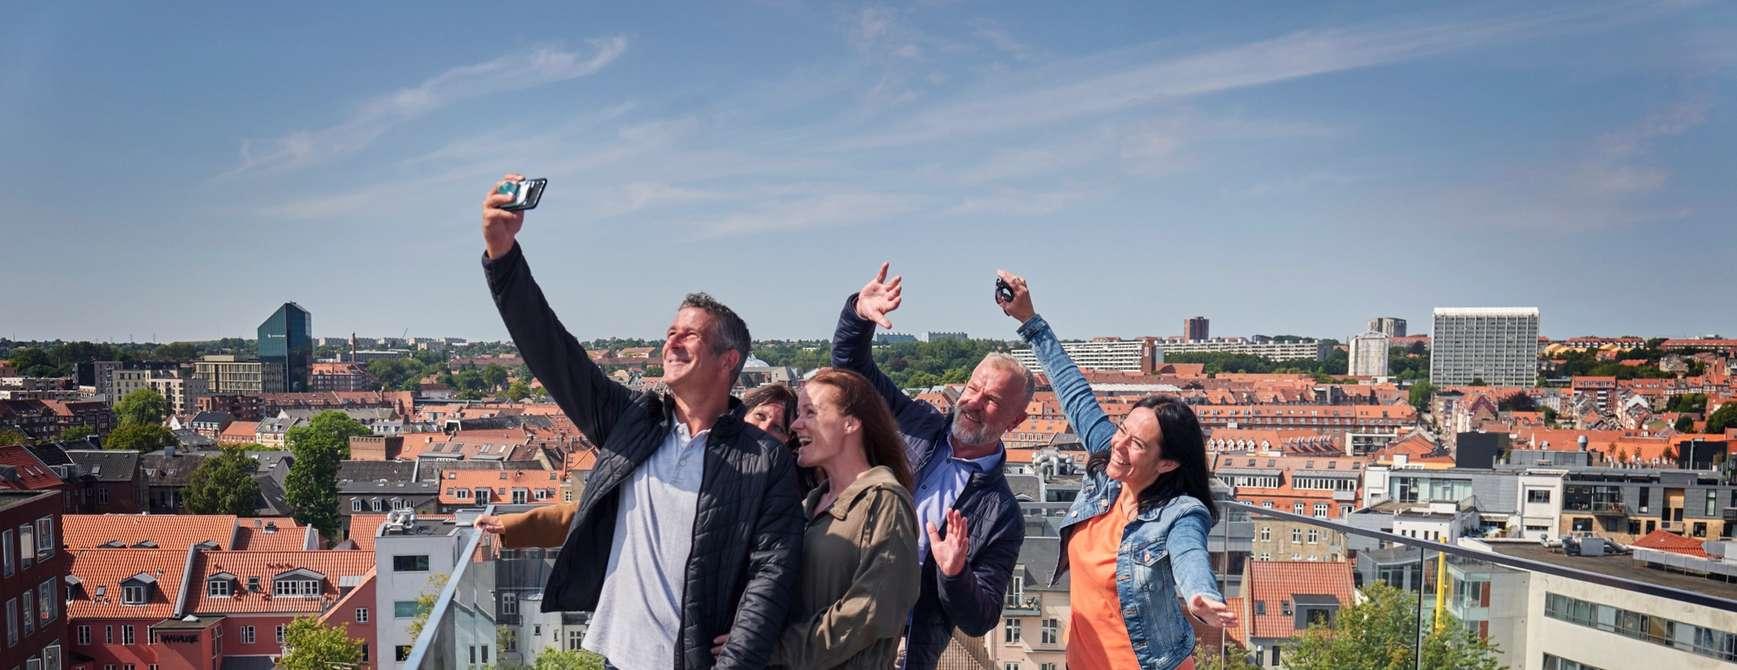 Vennepar nyter utsikten på taket av Aarhus